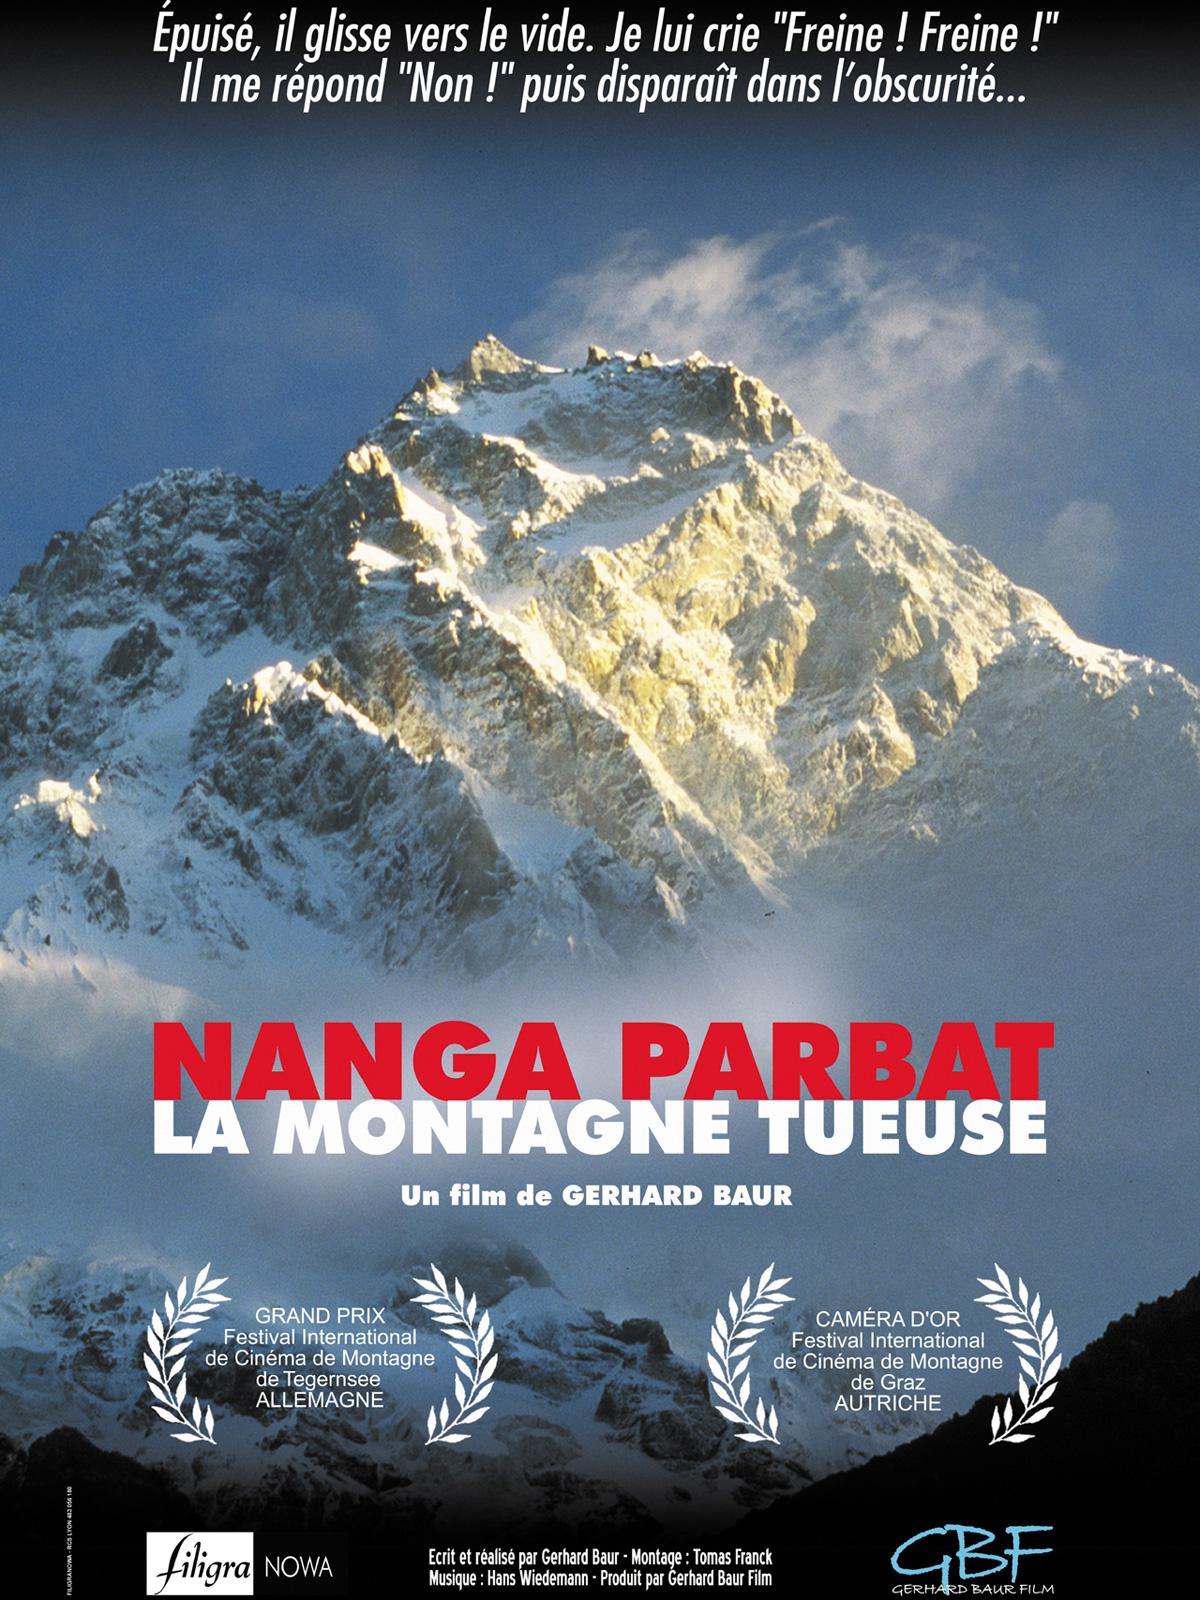 Nanga Parbat, la montagne tueuse